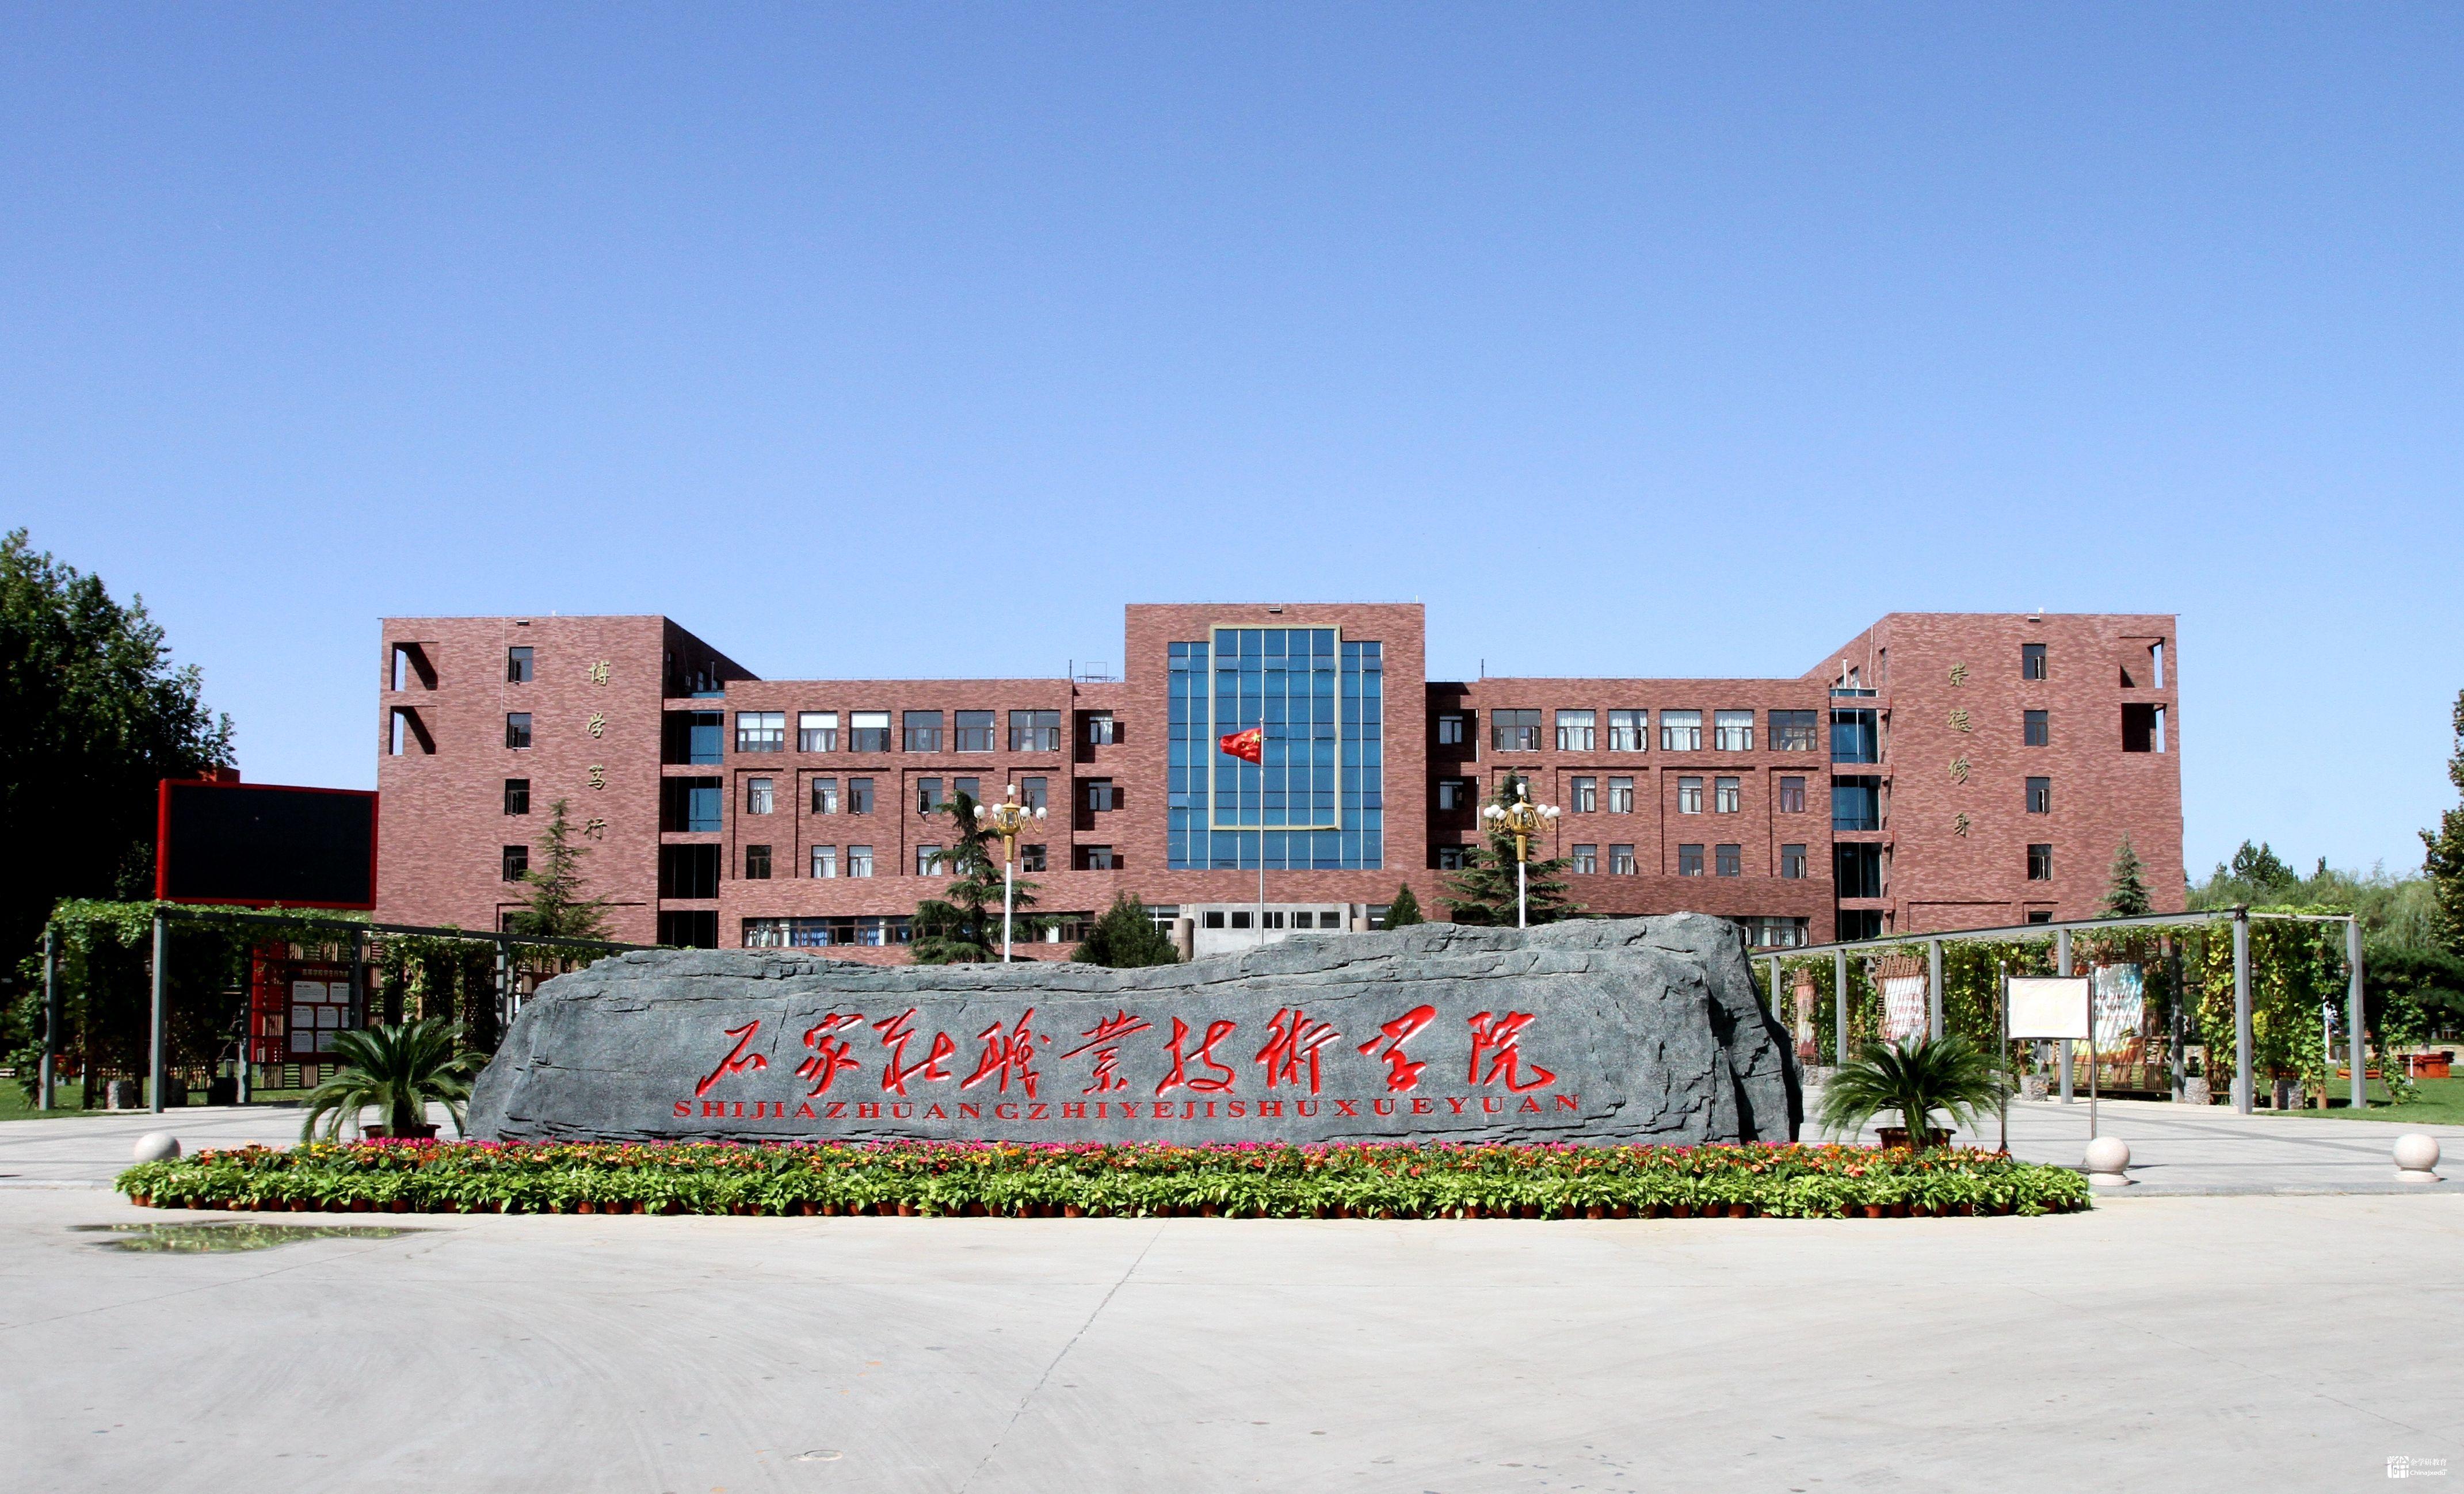 石家庄职业技术学院:跨界融合 服务社会 打造高职教育新高地